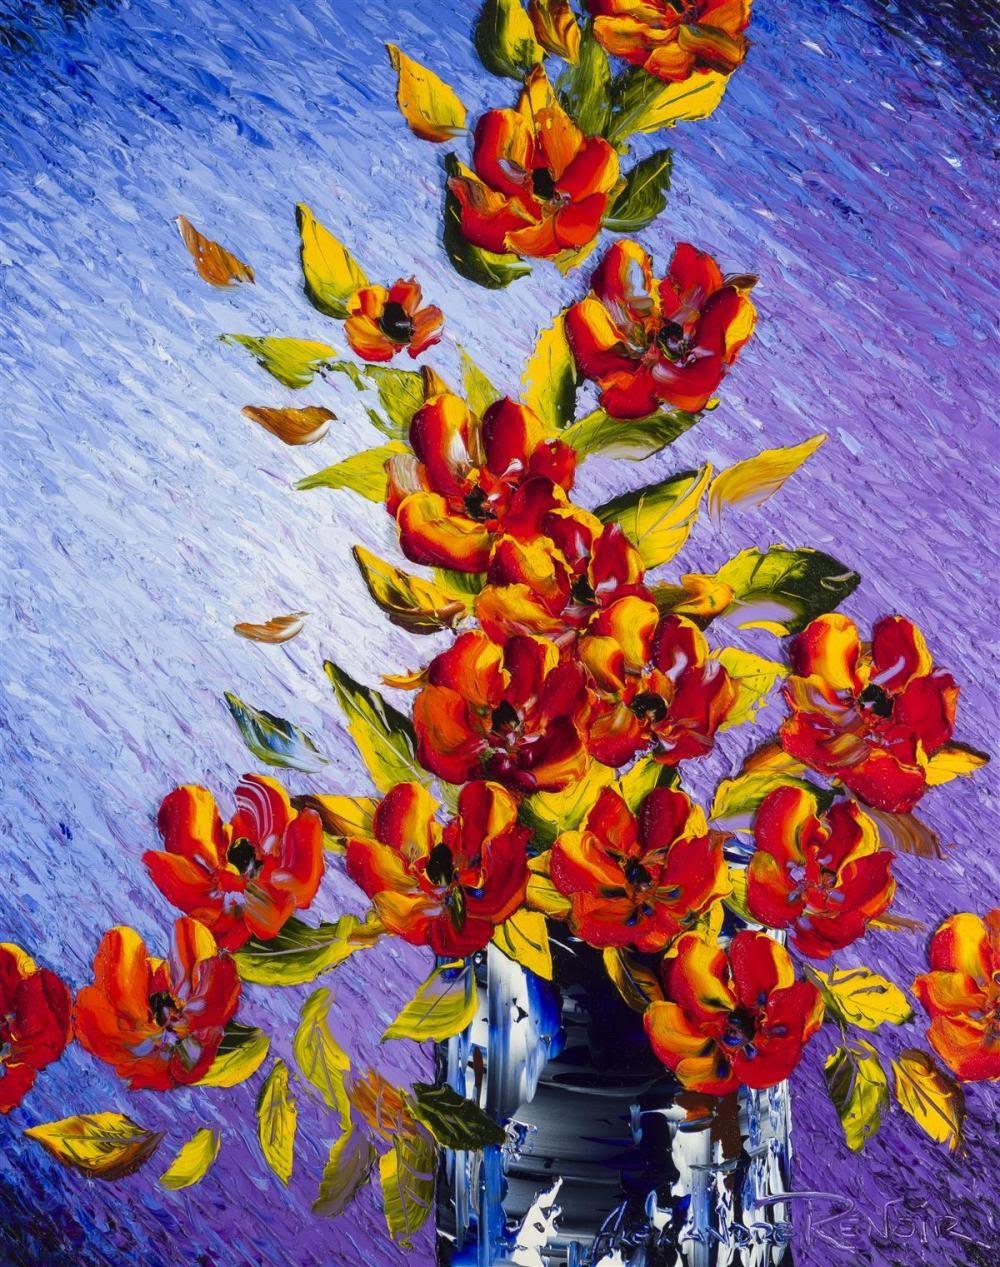 Alexandre Renoir  ouquet of Sunset Flowers